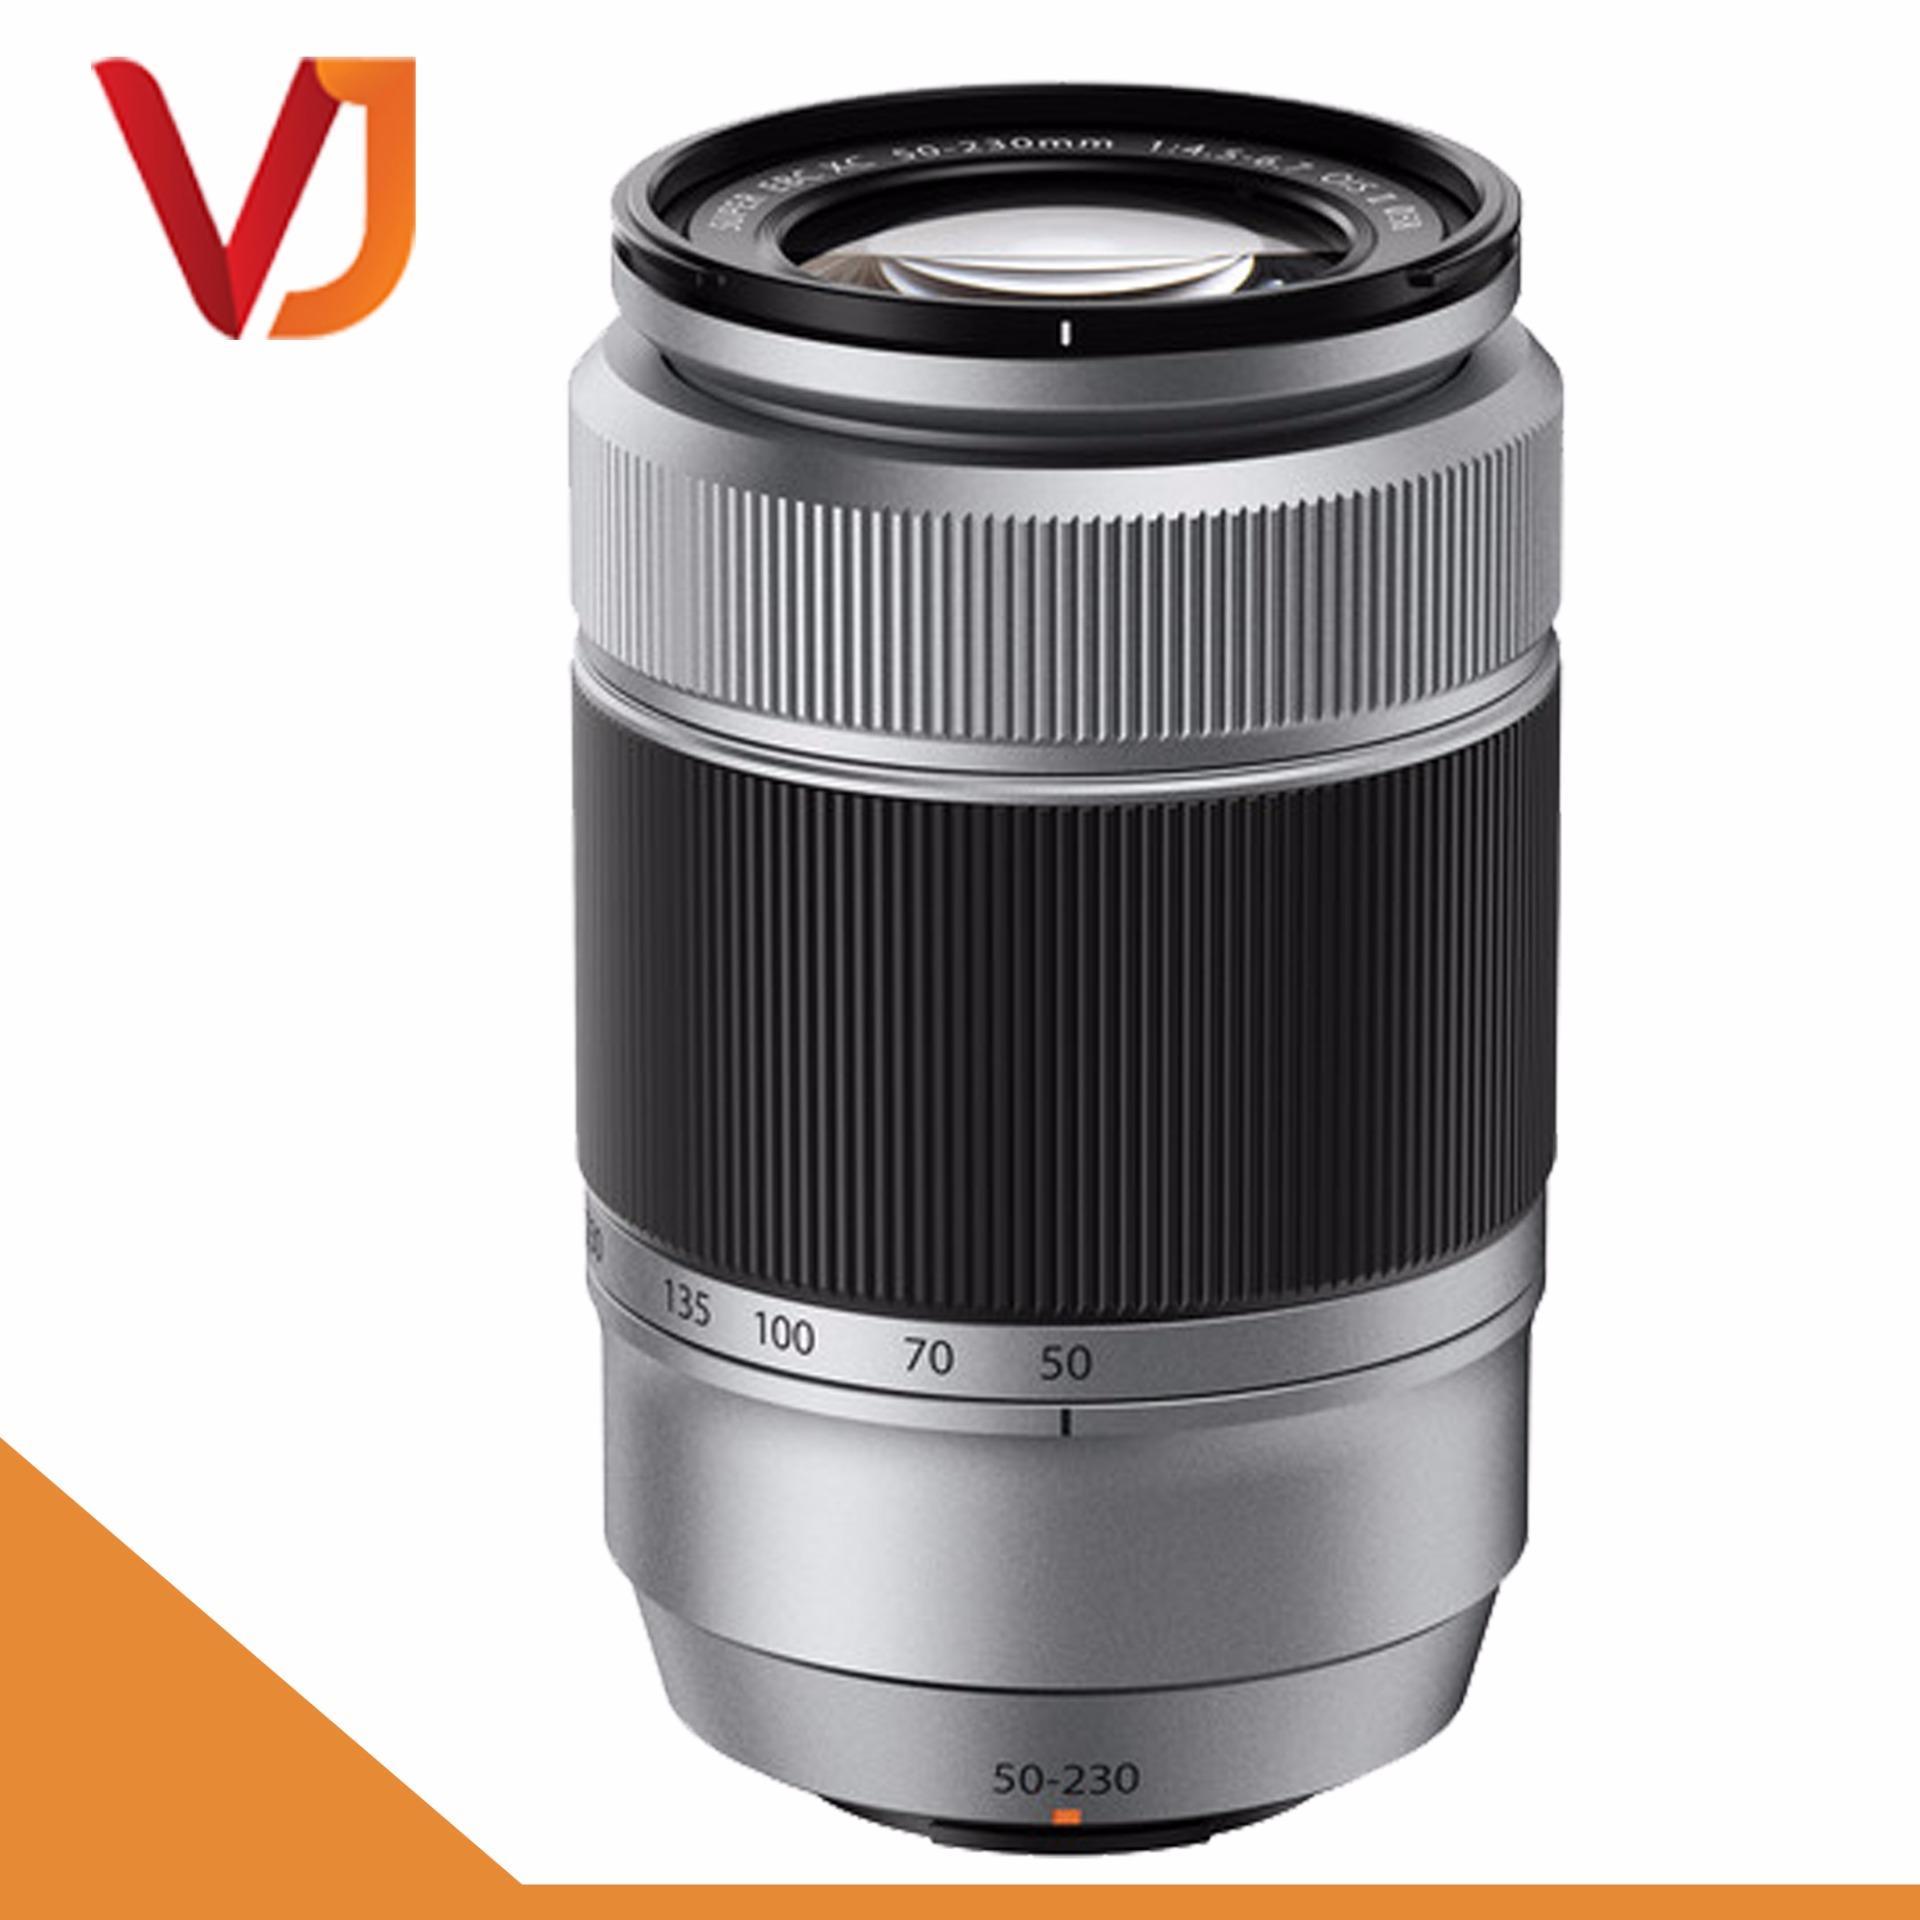 Ống kính Fujifilm XC 50-230mm F/4.5-6.7 OIS II (Bạc) – Tặng kèm 1 Filter UV 58mm + 1 Bóng thổi bụi + 1 Khăn lau lens – Hãng phân phối chính thức